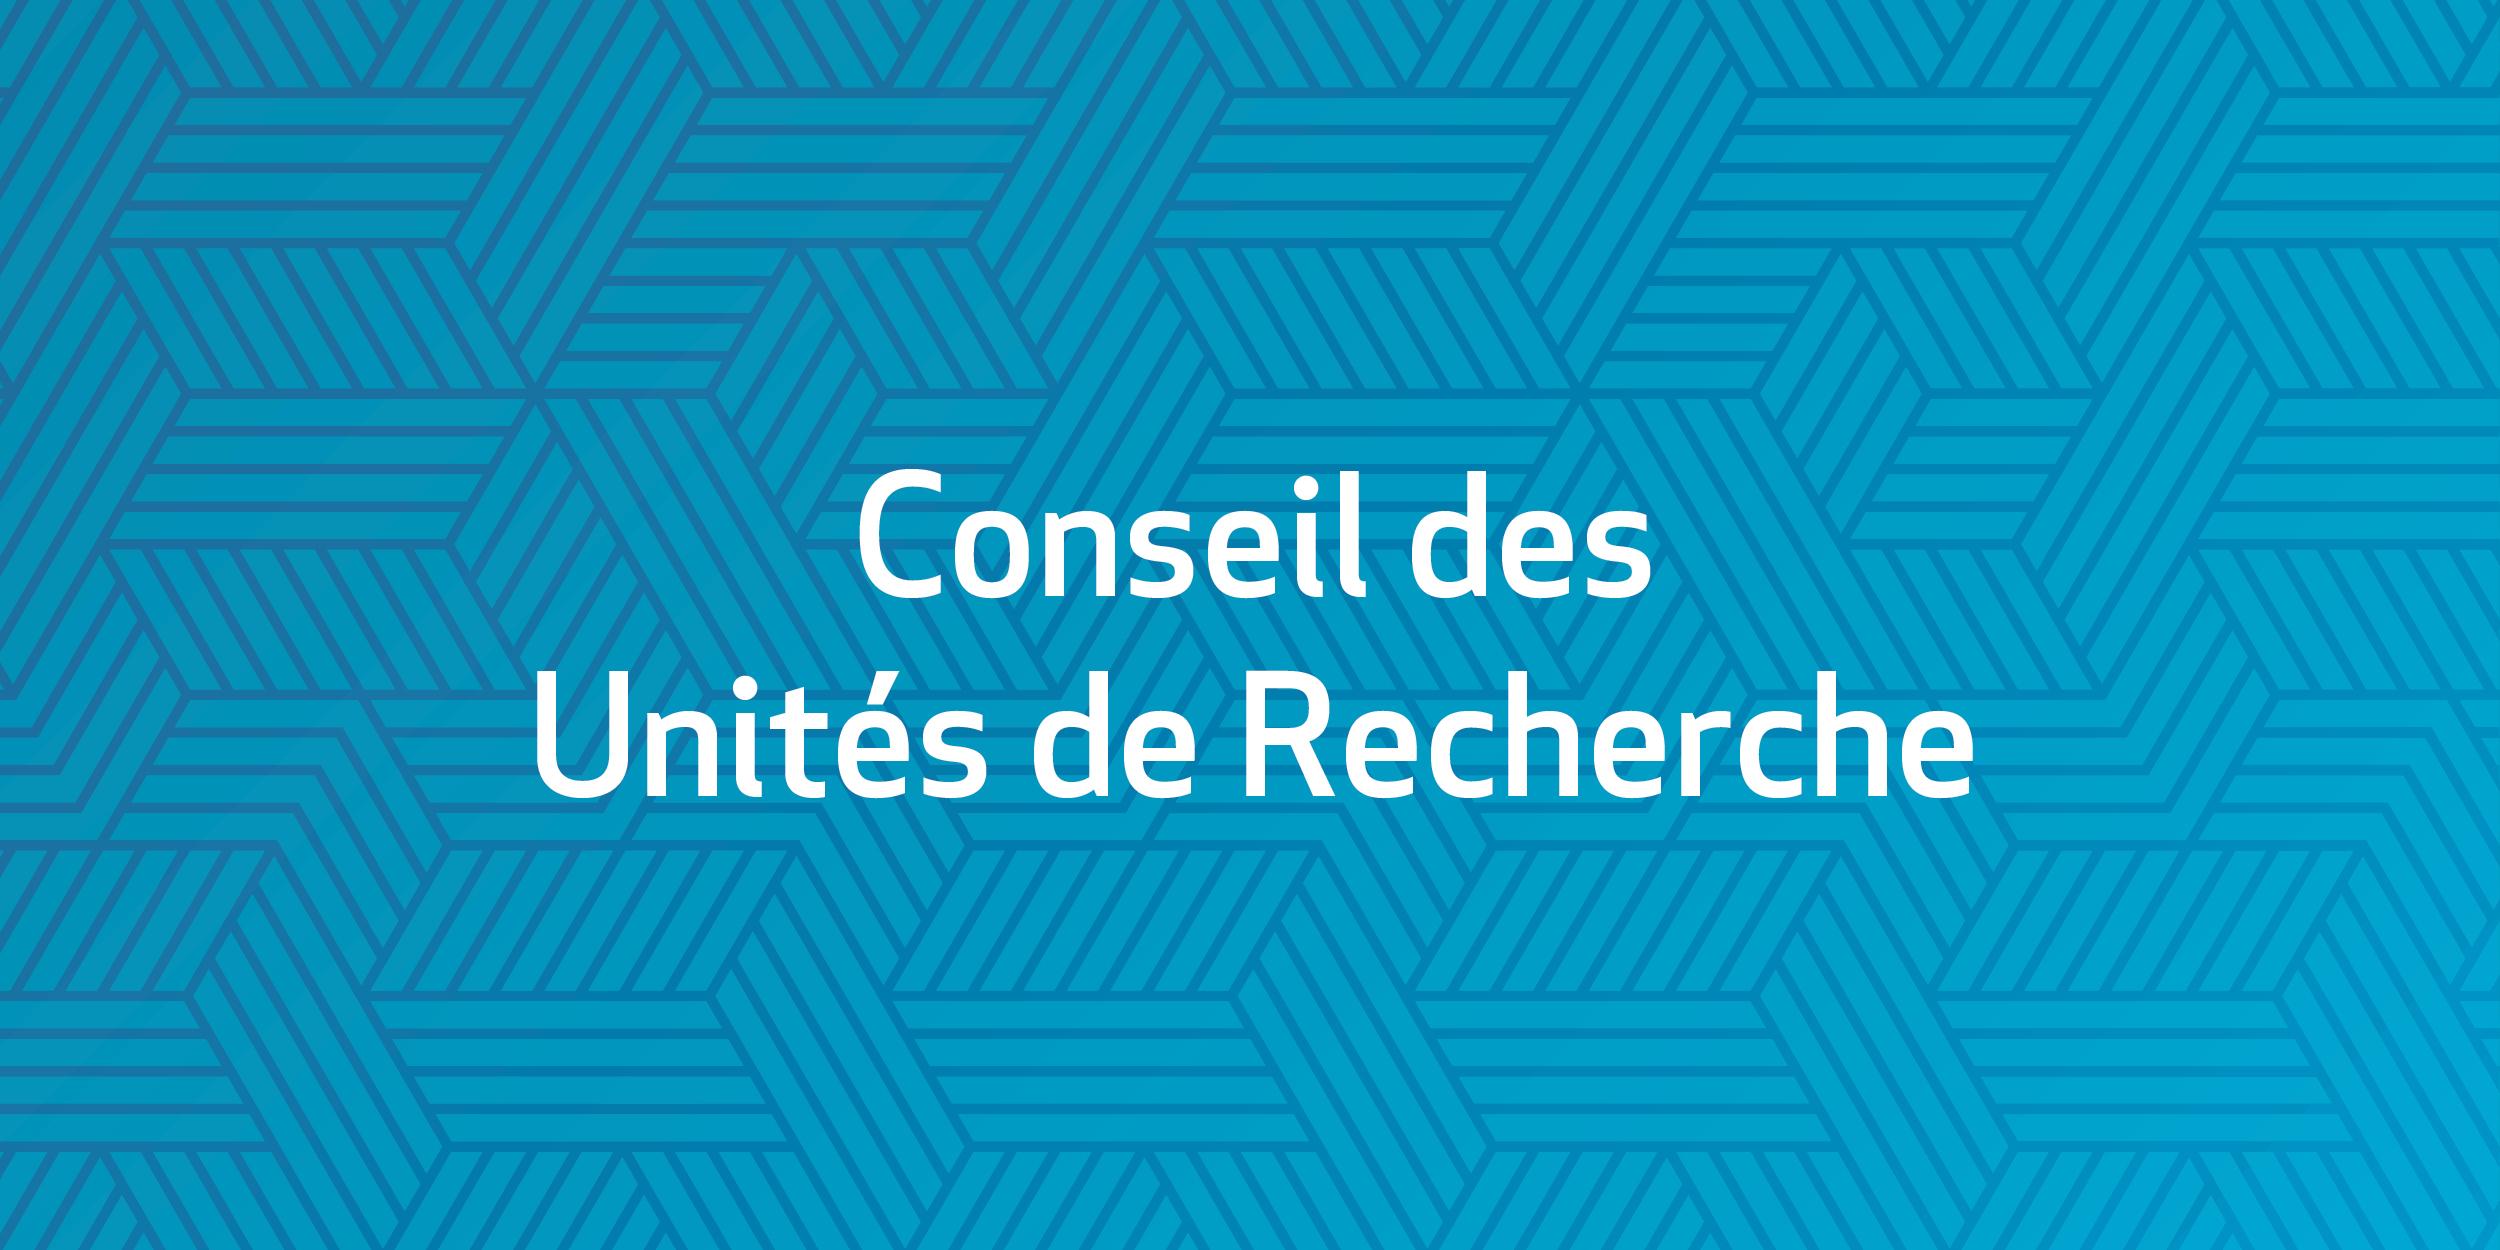 Conseil des Unités de Recherche